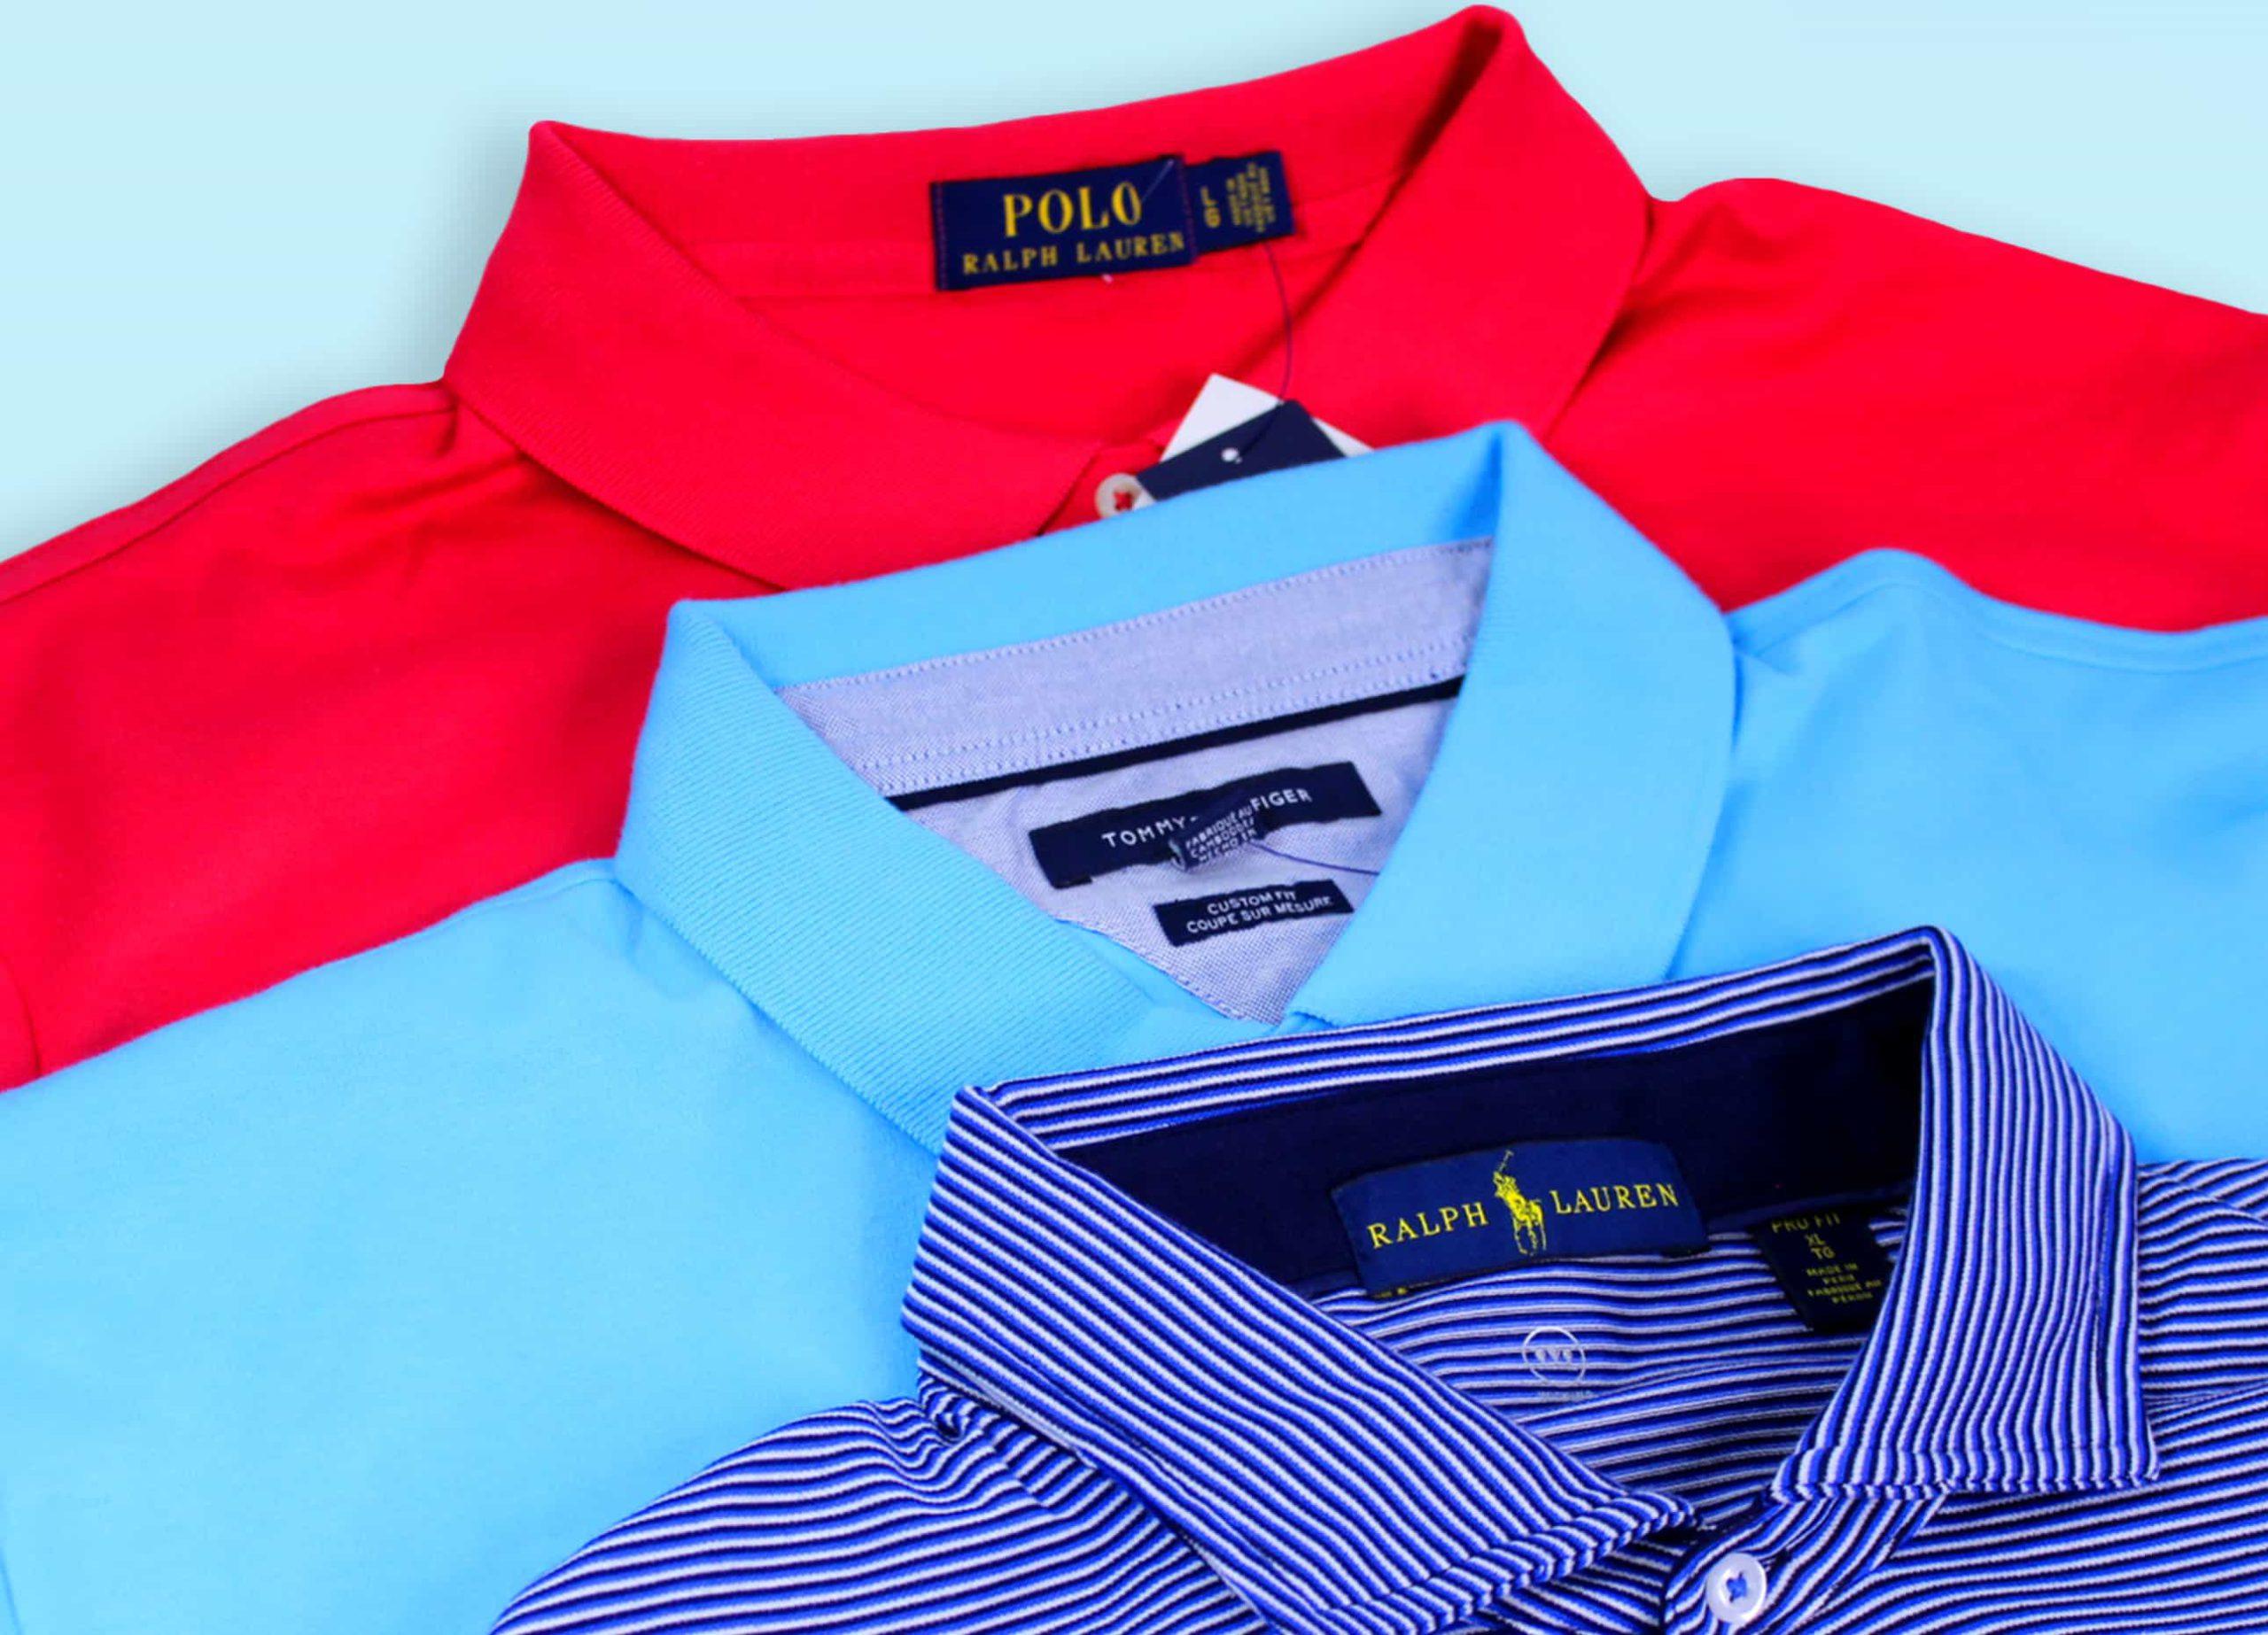 Una camisa roja de Polo Ralph Lauren debajo de un polo azul claro de Tommy Hilfiger debajo de una camisa azul de Polo Ralph Lauren